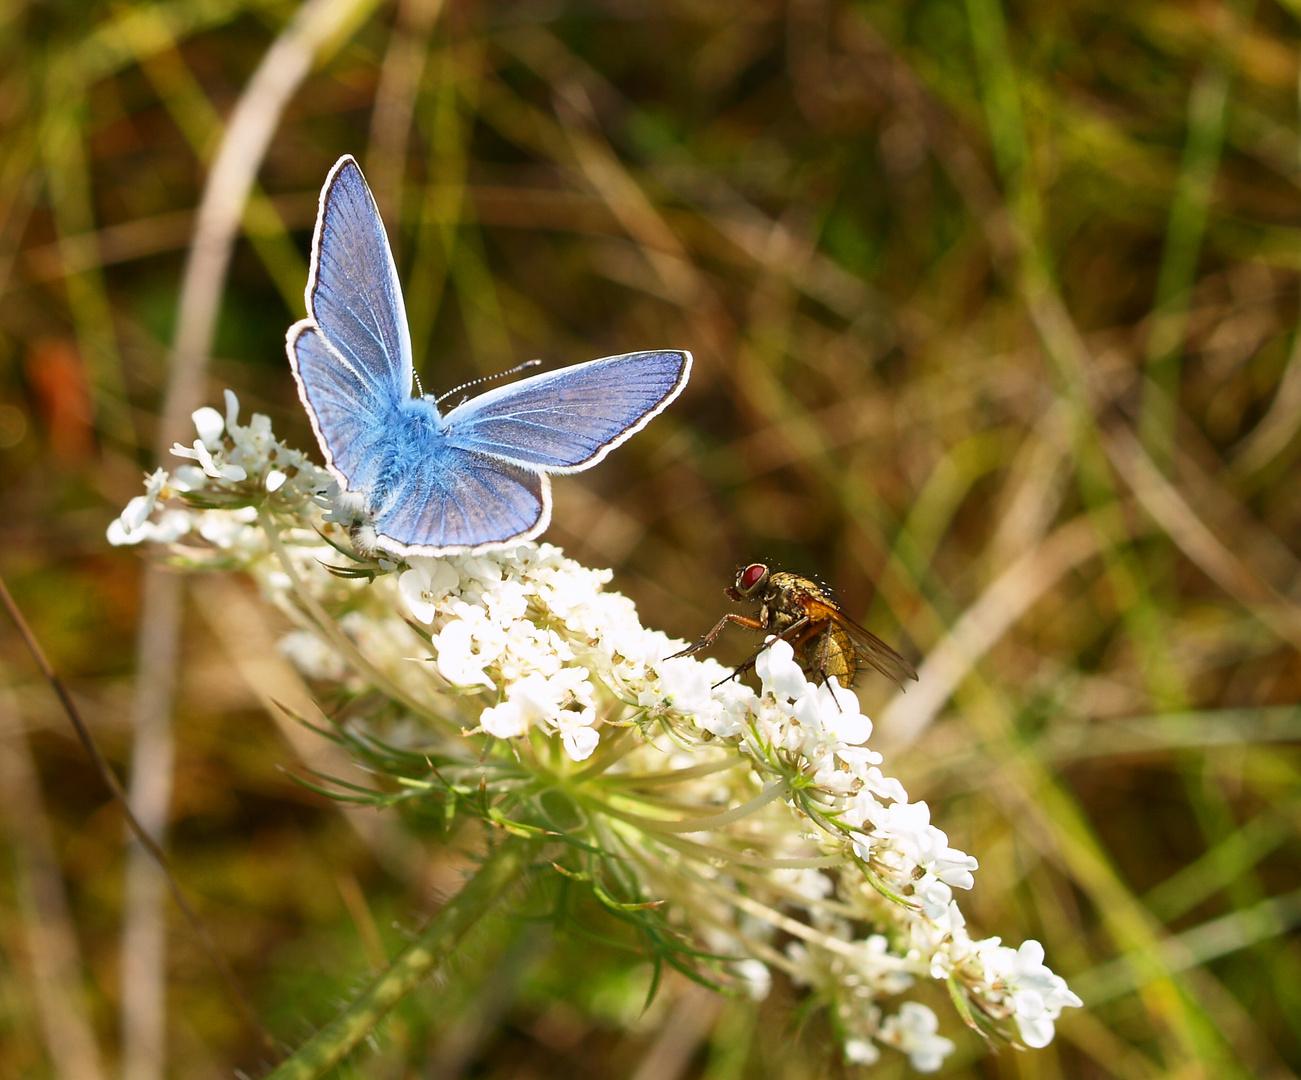 Die Fliege wollte auch mit auf´s Bild